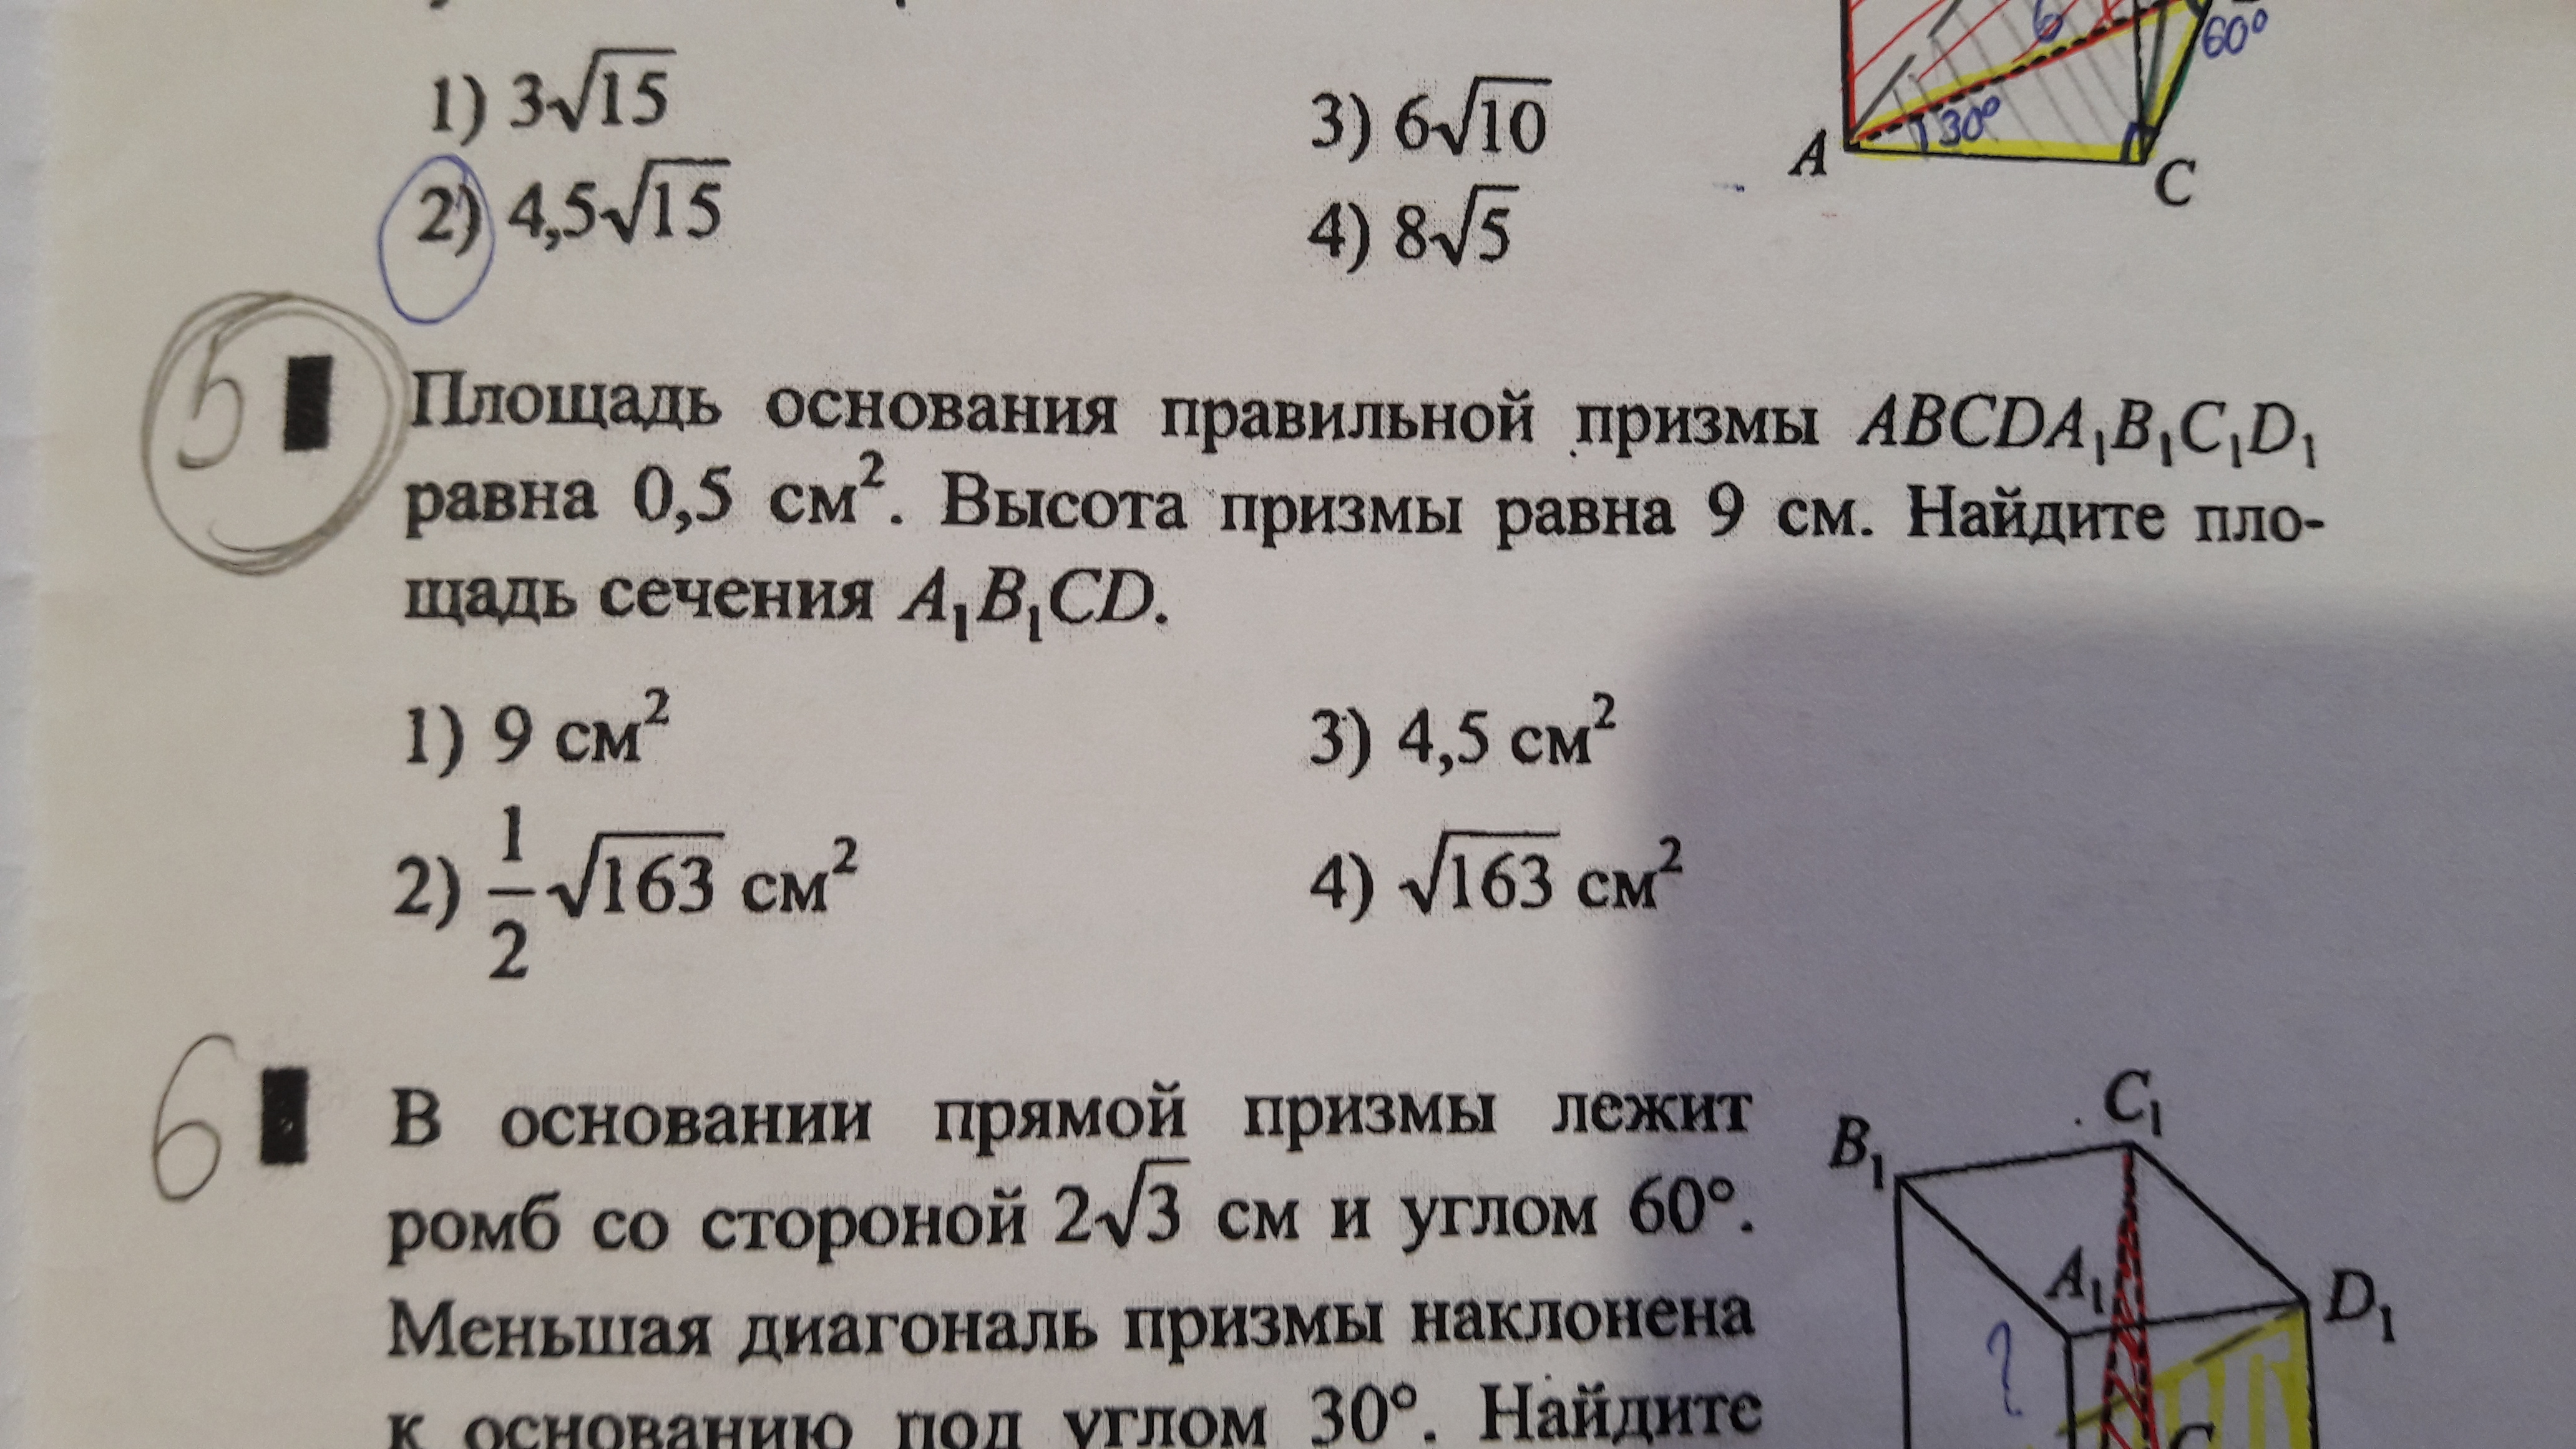 Помогите решить номер 5,пожалуйста. С подробным решением и можно рисунок к задаче,пожалуйста.